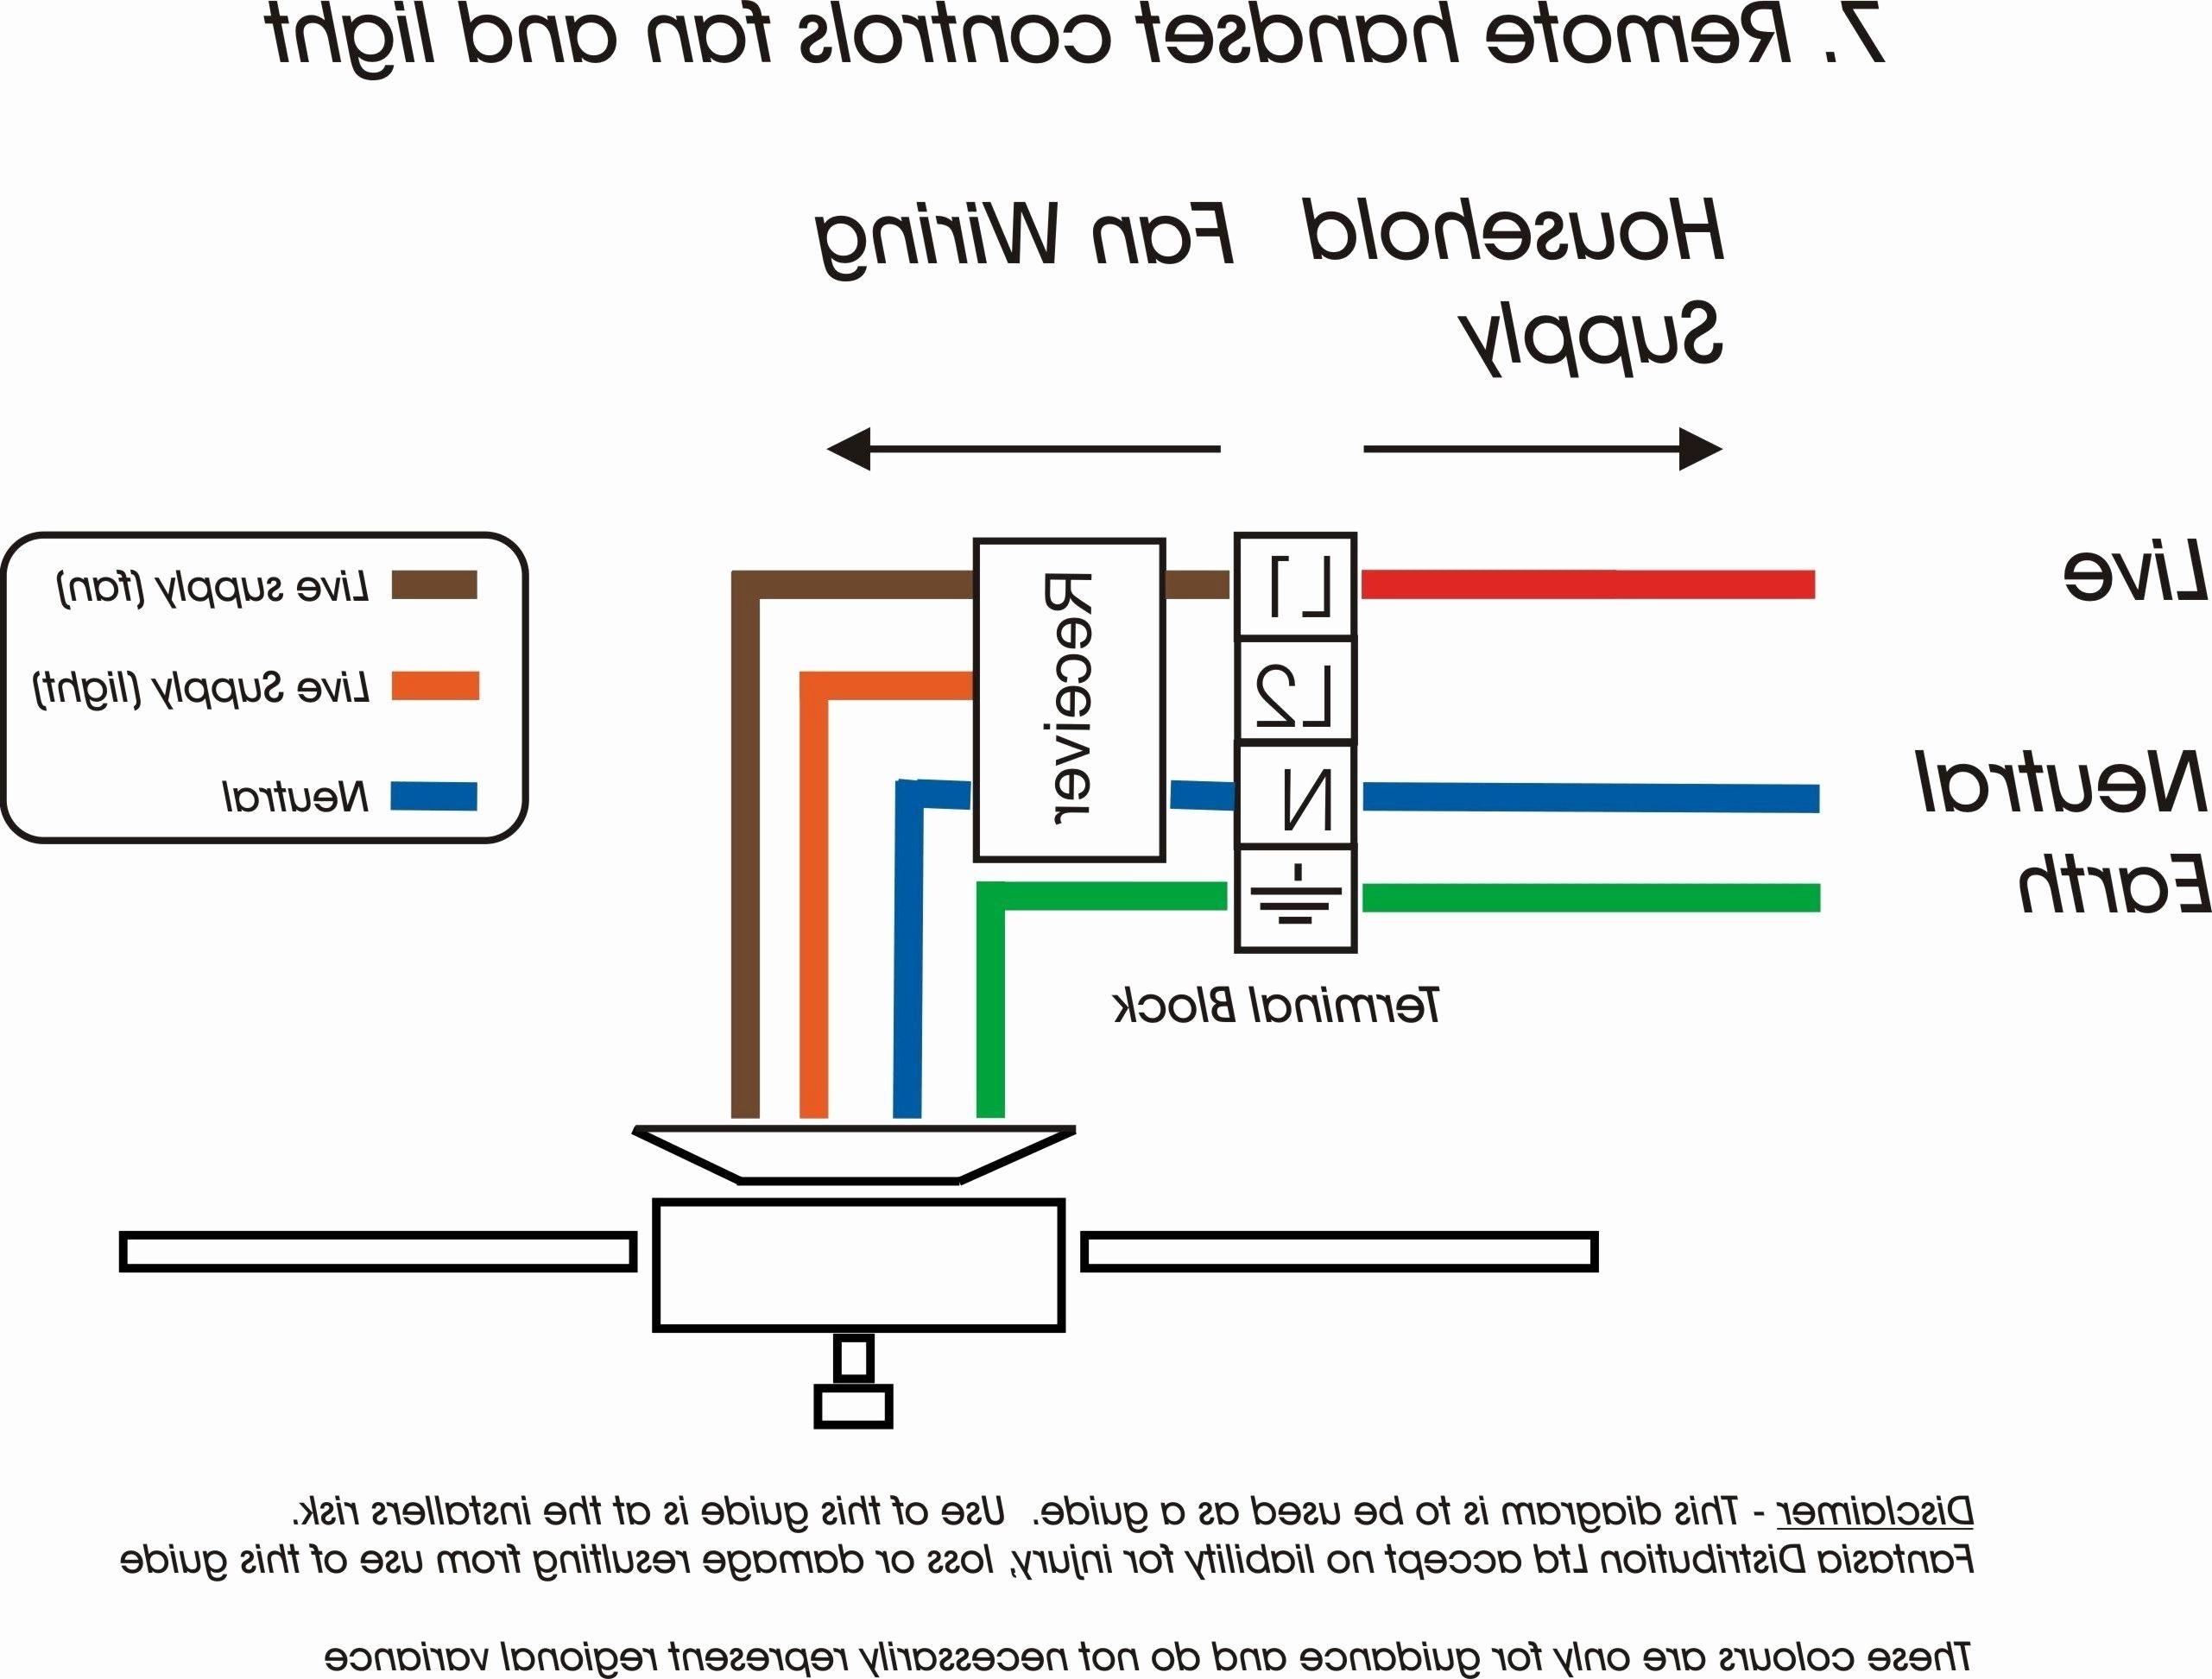 4 Way Dimmer Switch Wiring Diagram Wiring Diagram Dual Switch E Light New List Wiring Diagram for A Of 4 Way Dimmer Switch Wiring Diagram